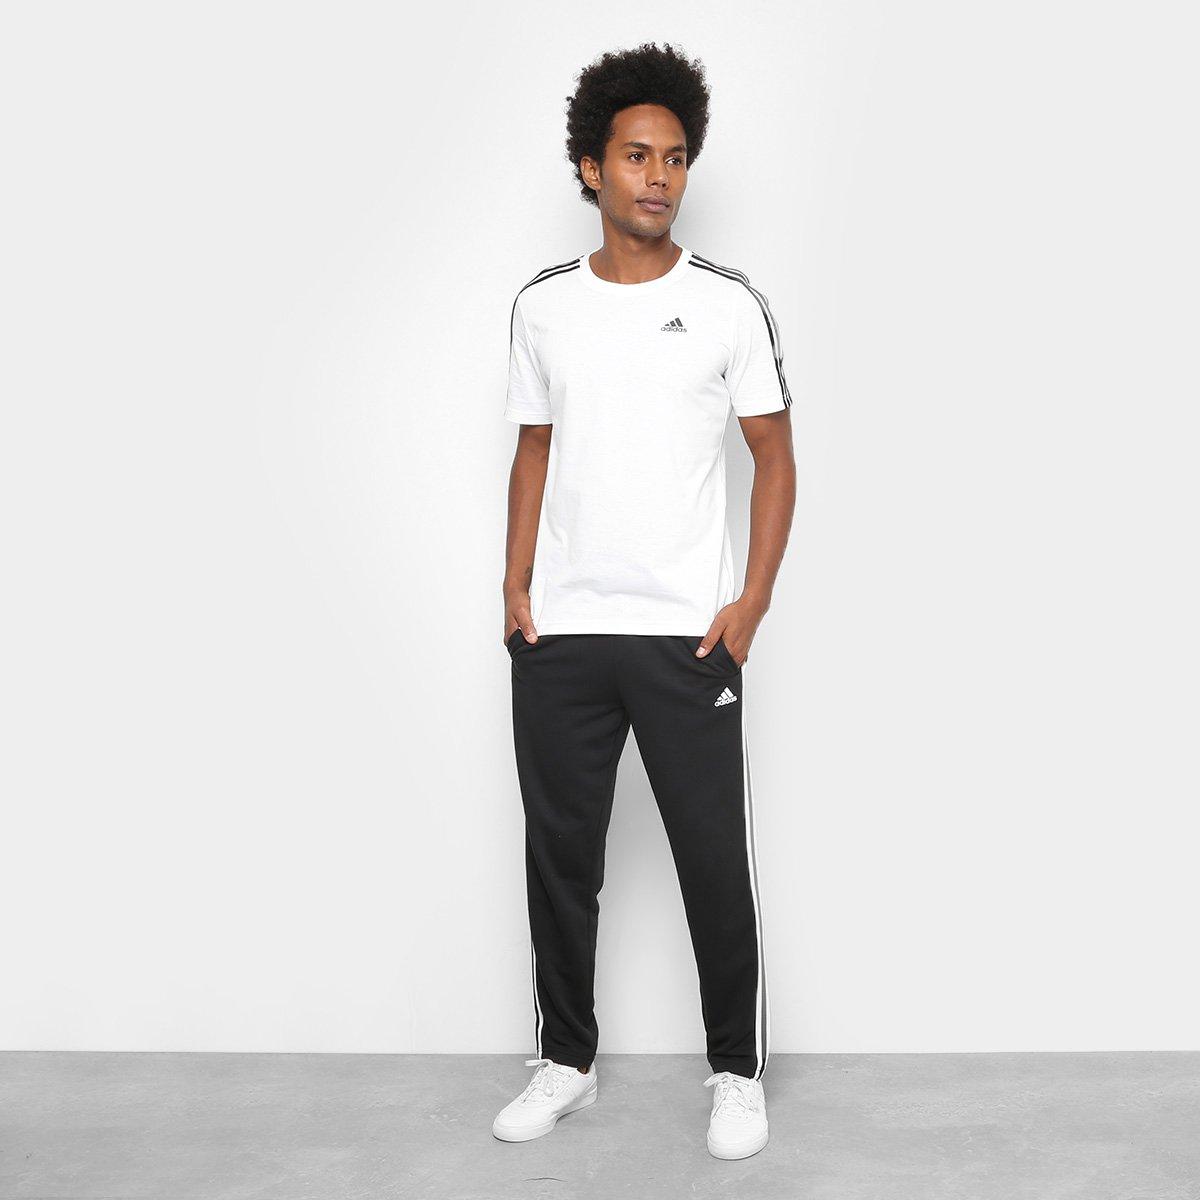 5841d76686e Calça Adidas Ess 3S Coft Masculina - Compre Agora